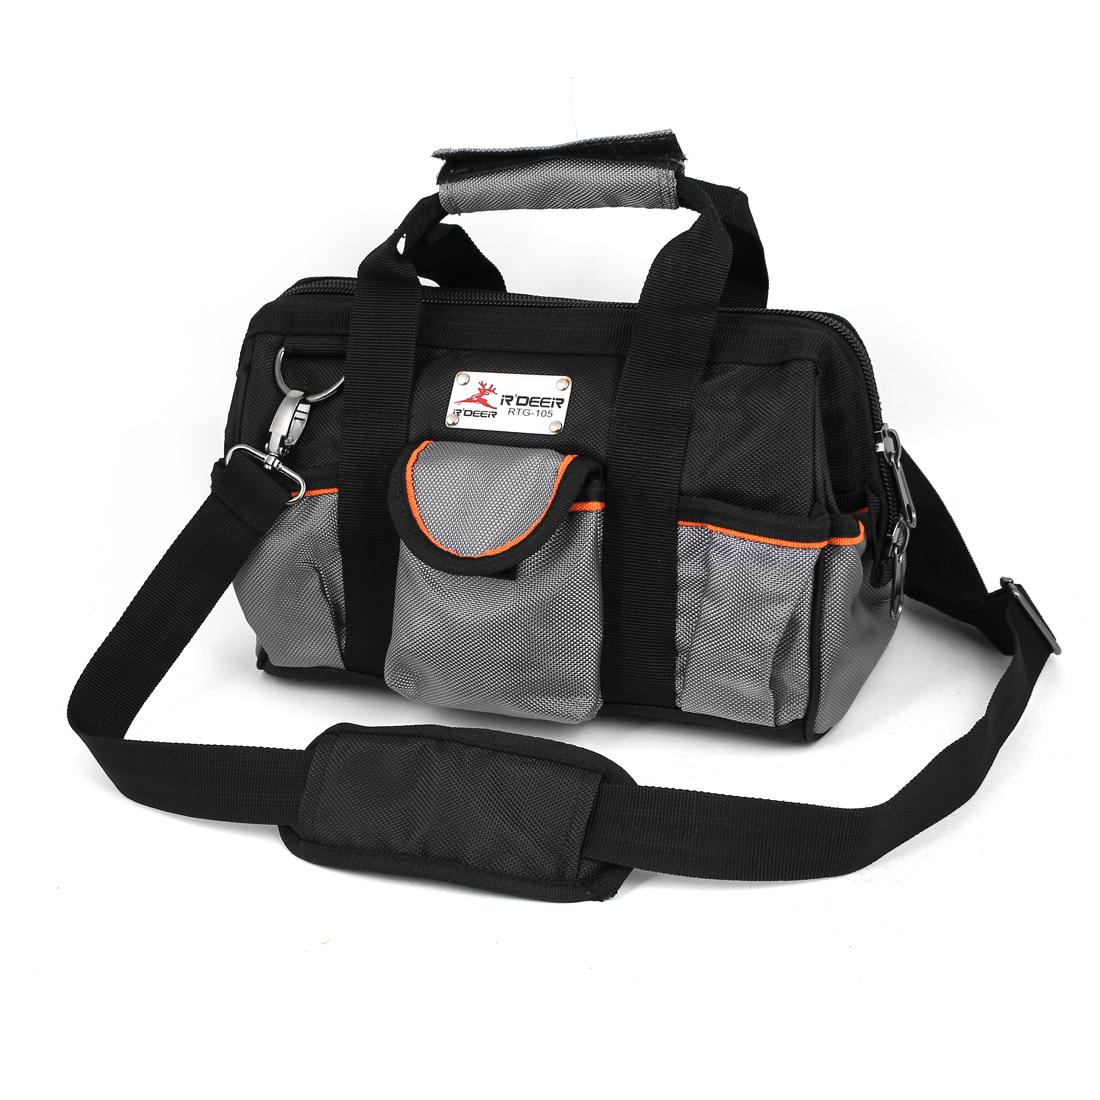 32cm x 18cm x 23cm Shoulder Hand Carry Tool Holder Bag Black Gray